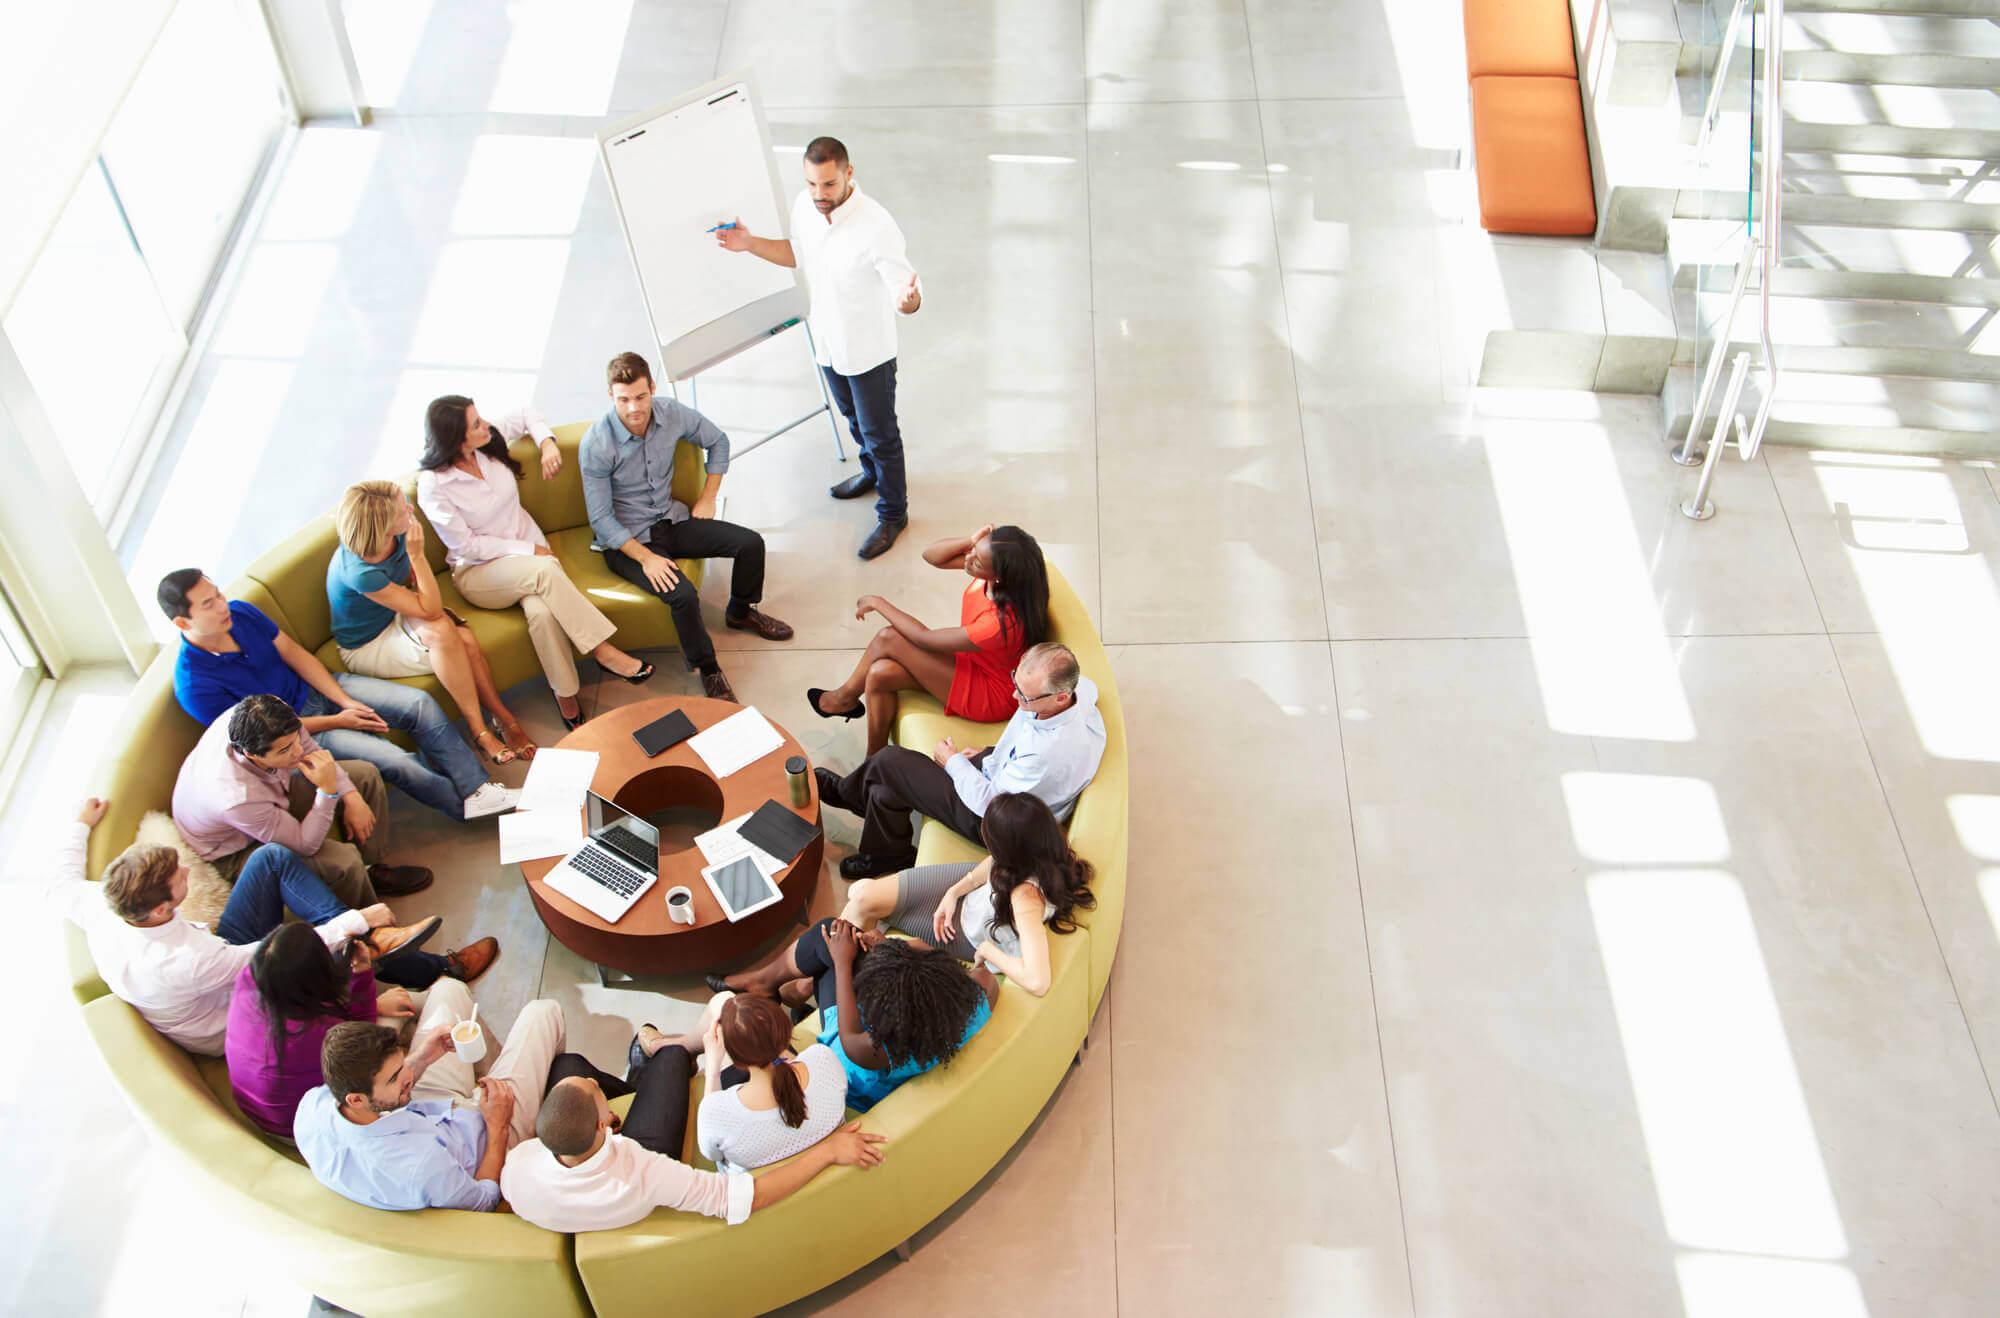 Educação corporativa nas empresas: o que é e como ela potencializa os resultados